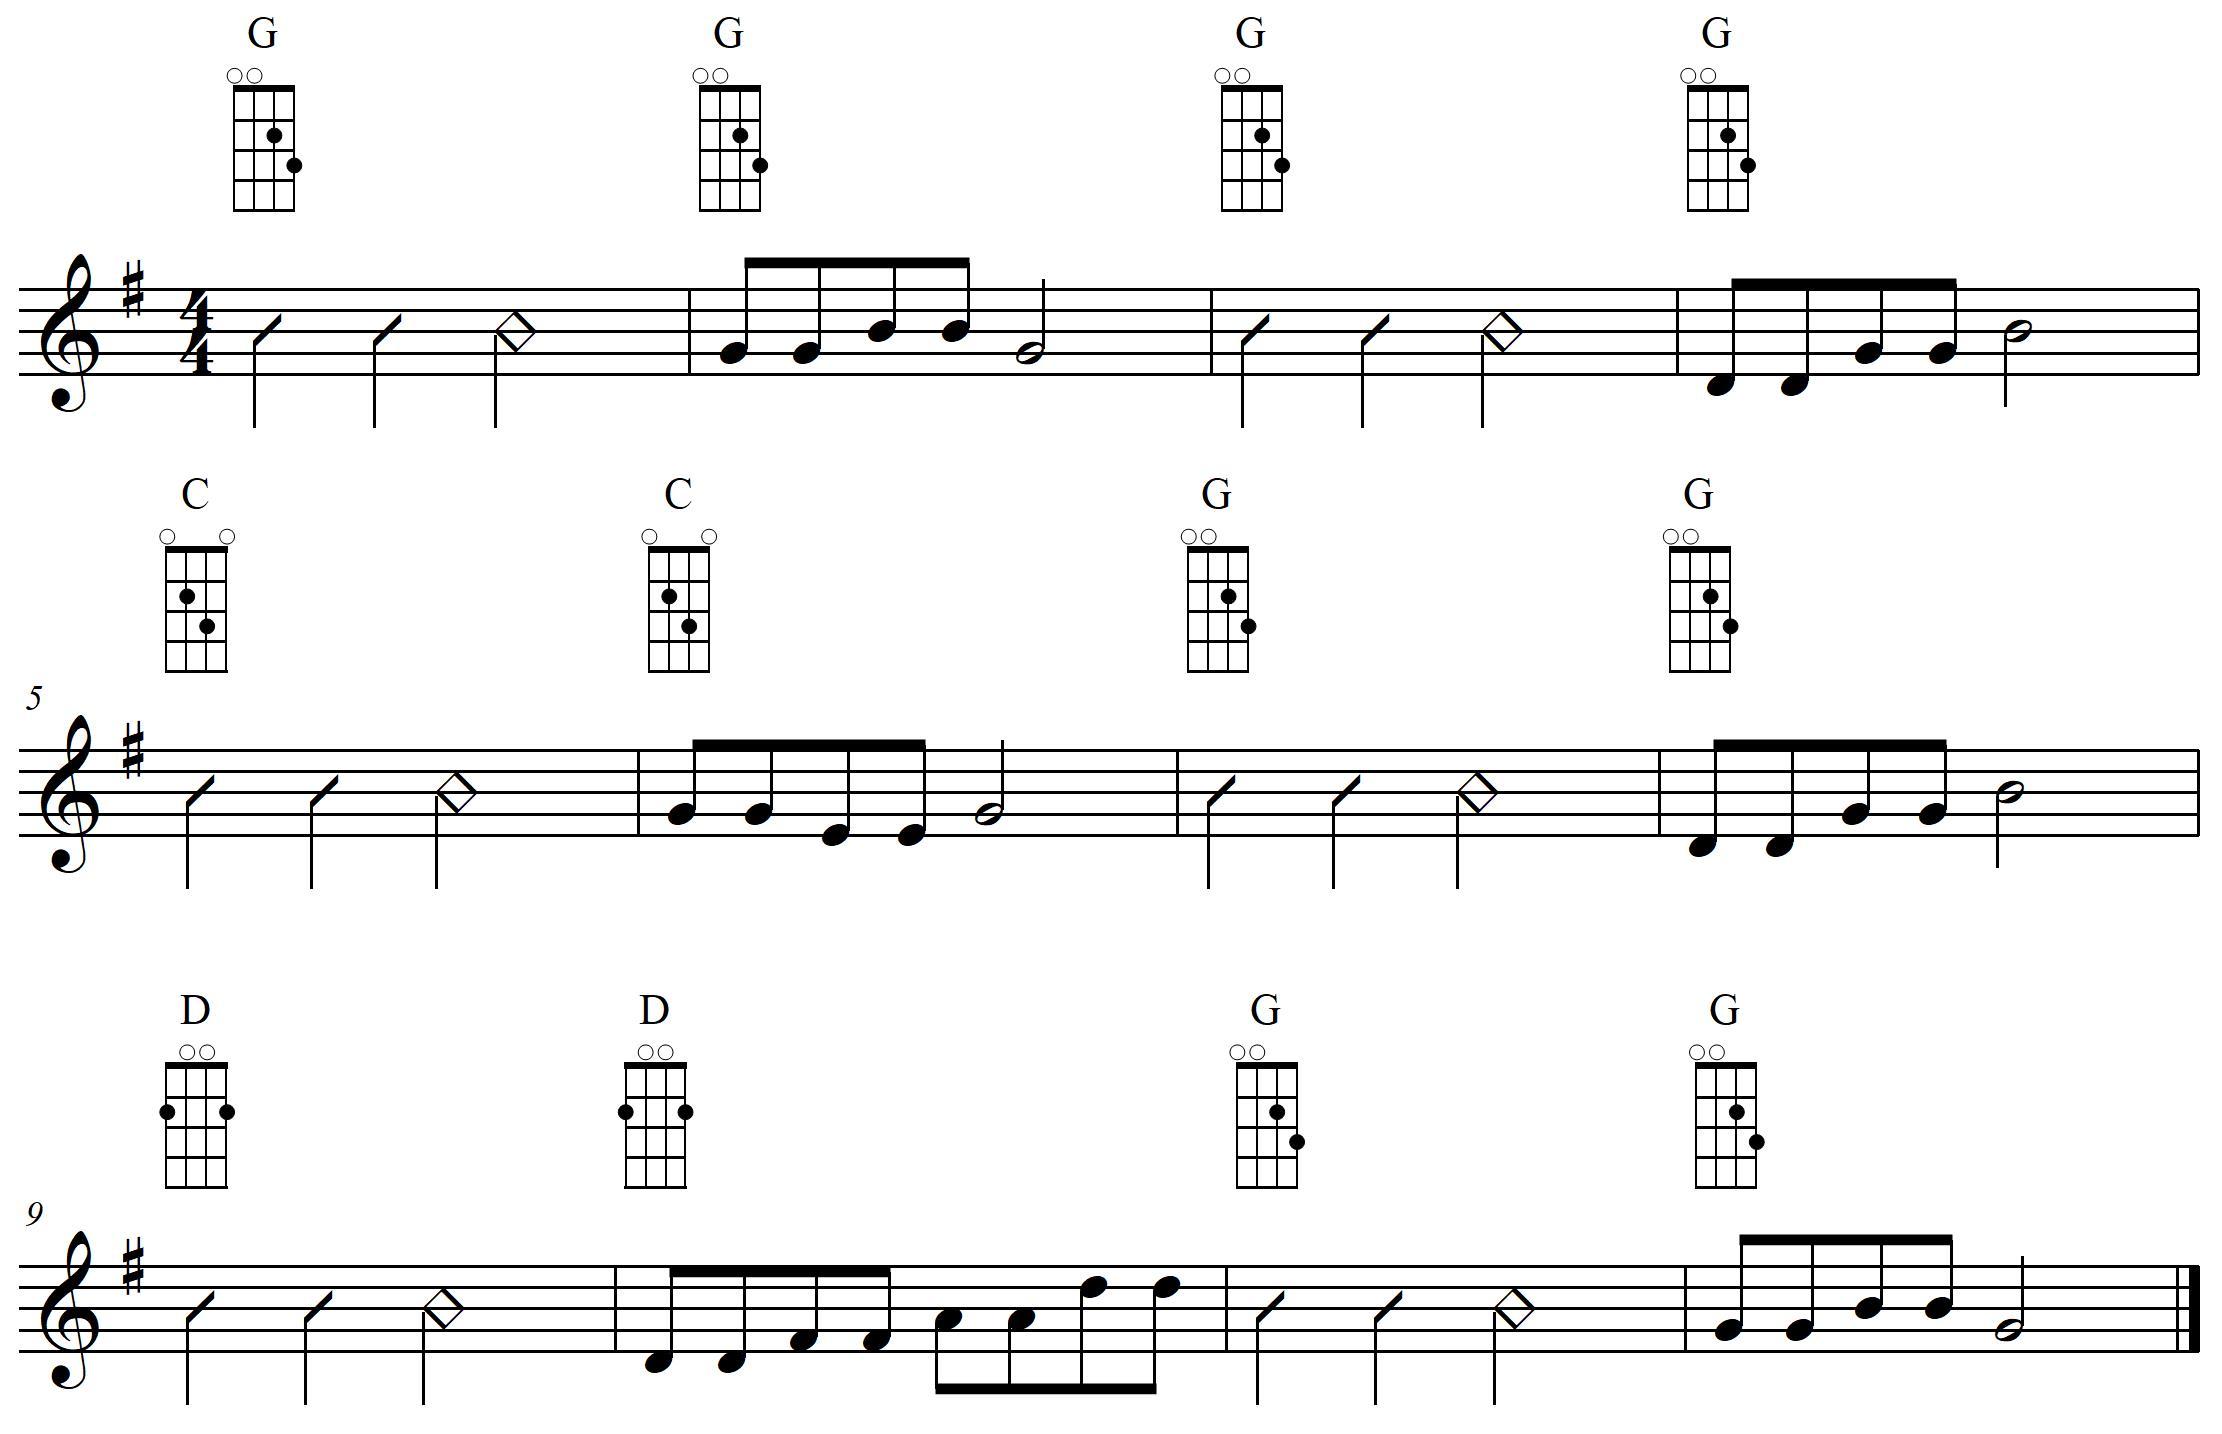 Mandoline lernen Kapitel 13 - Akkordtöne nach Noten  - G-Dur